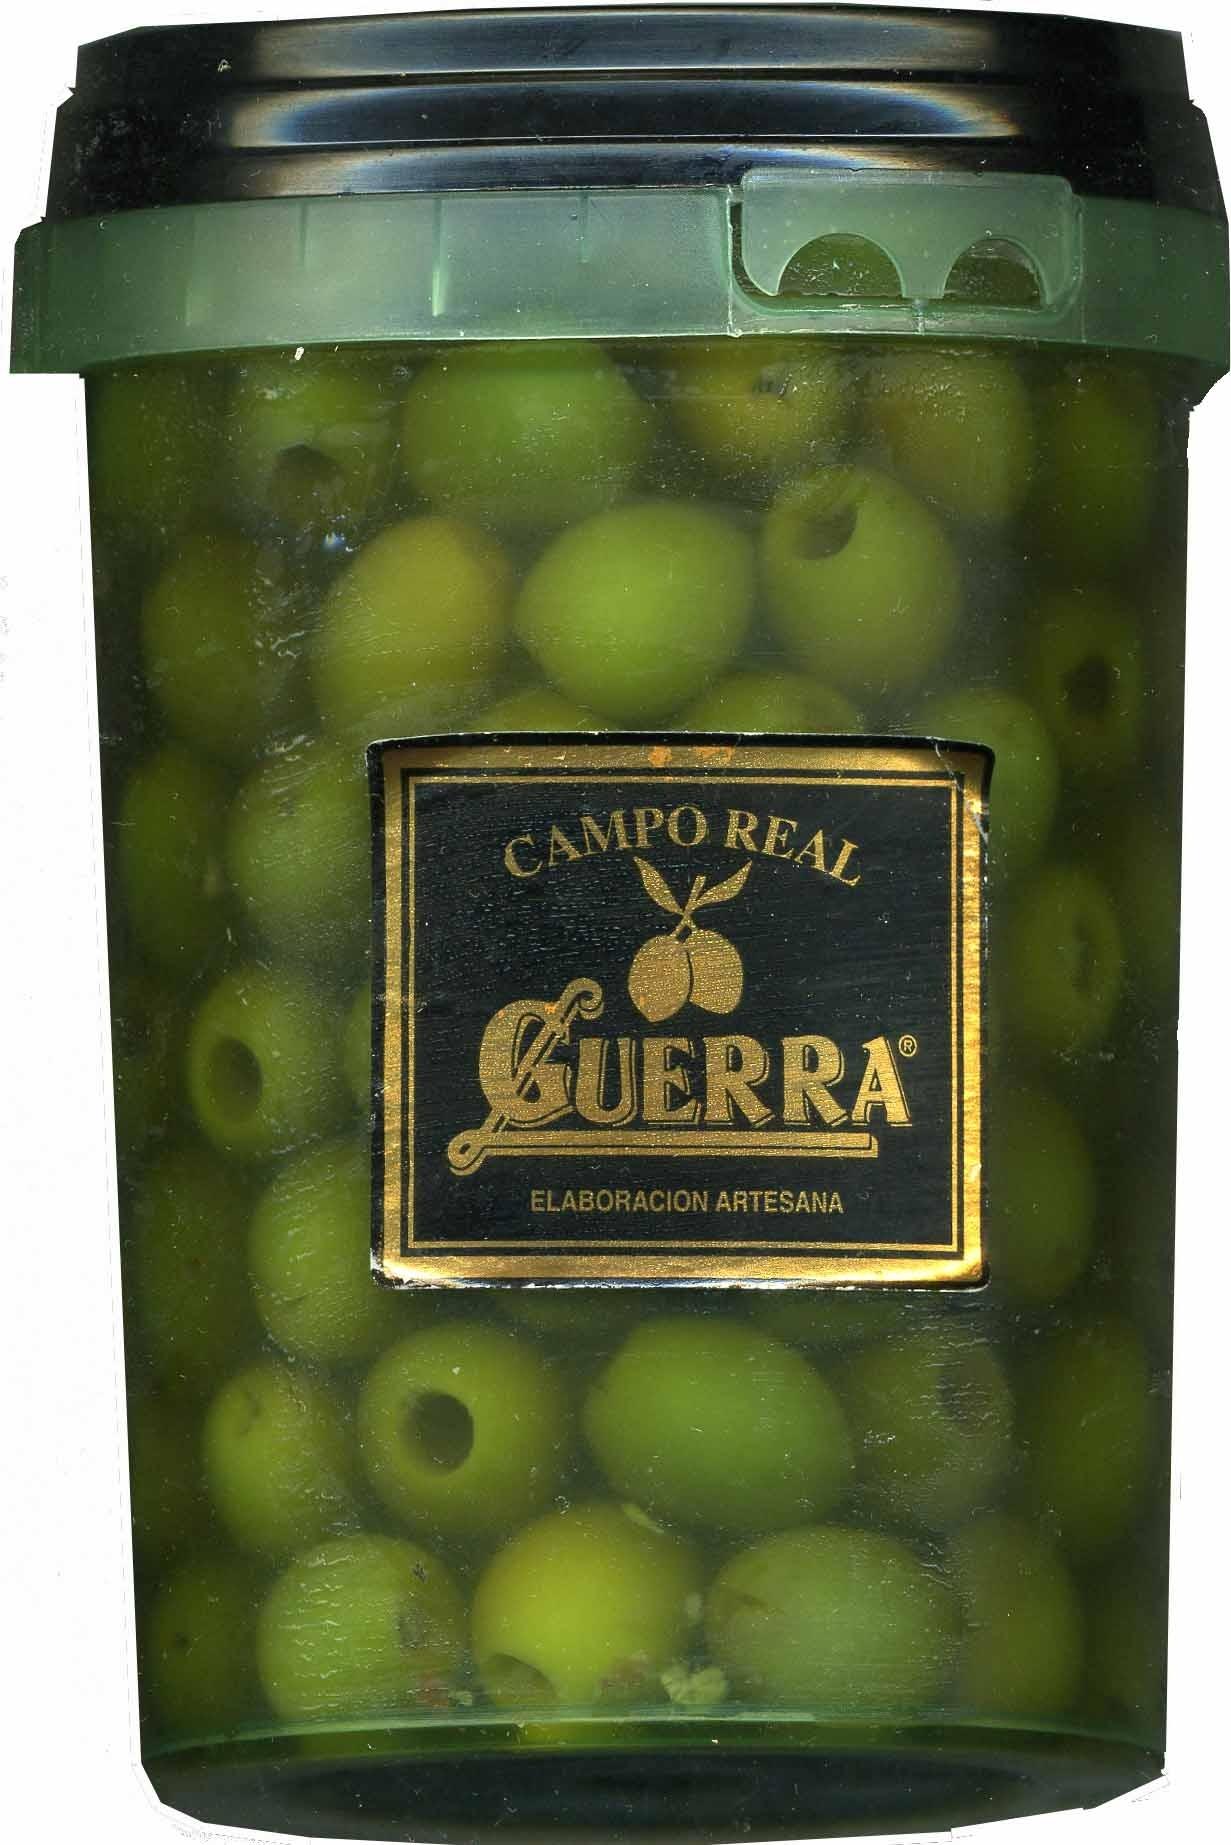 Aceitunas manzanilla de Campo Real sin hueso envase 700 g - Producto - es